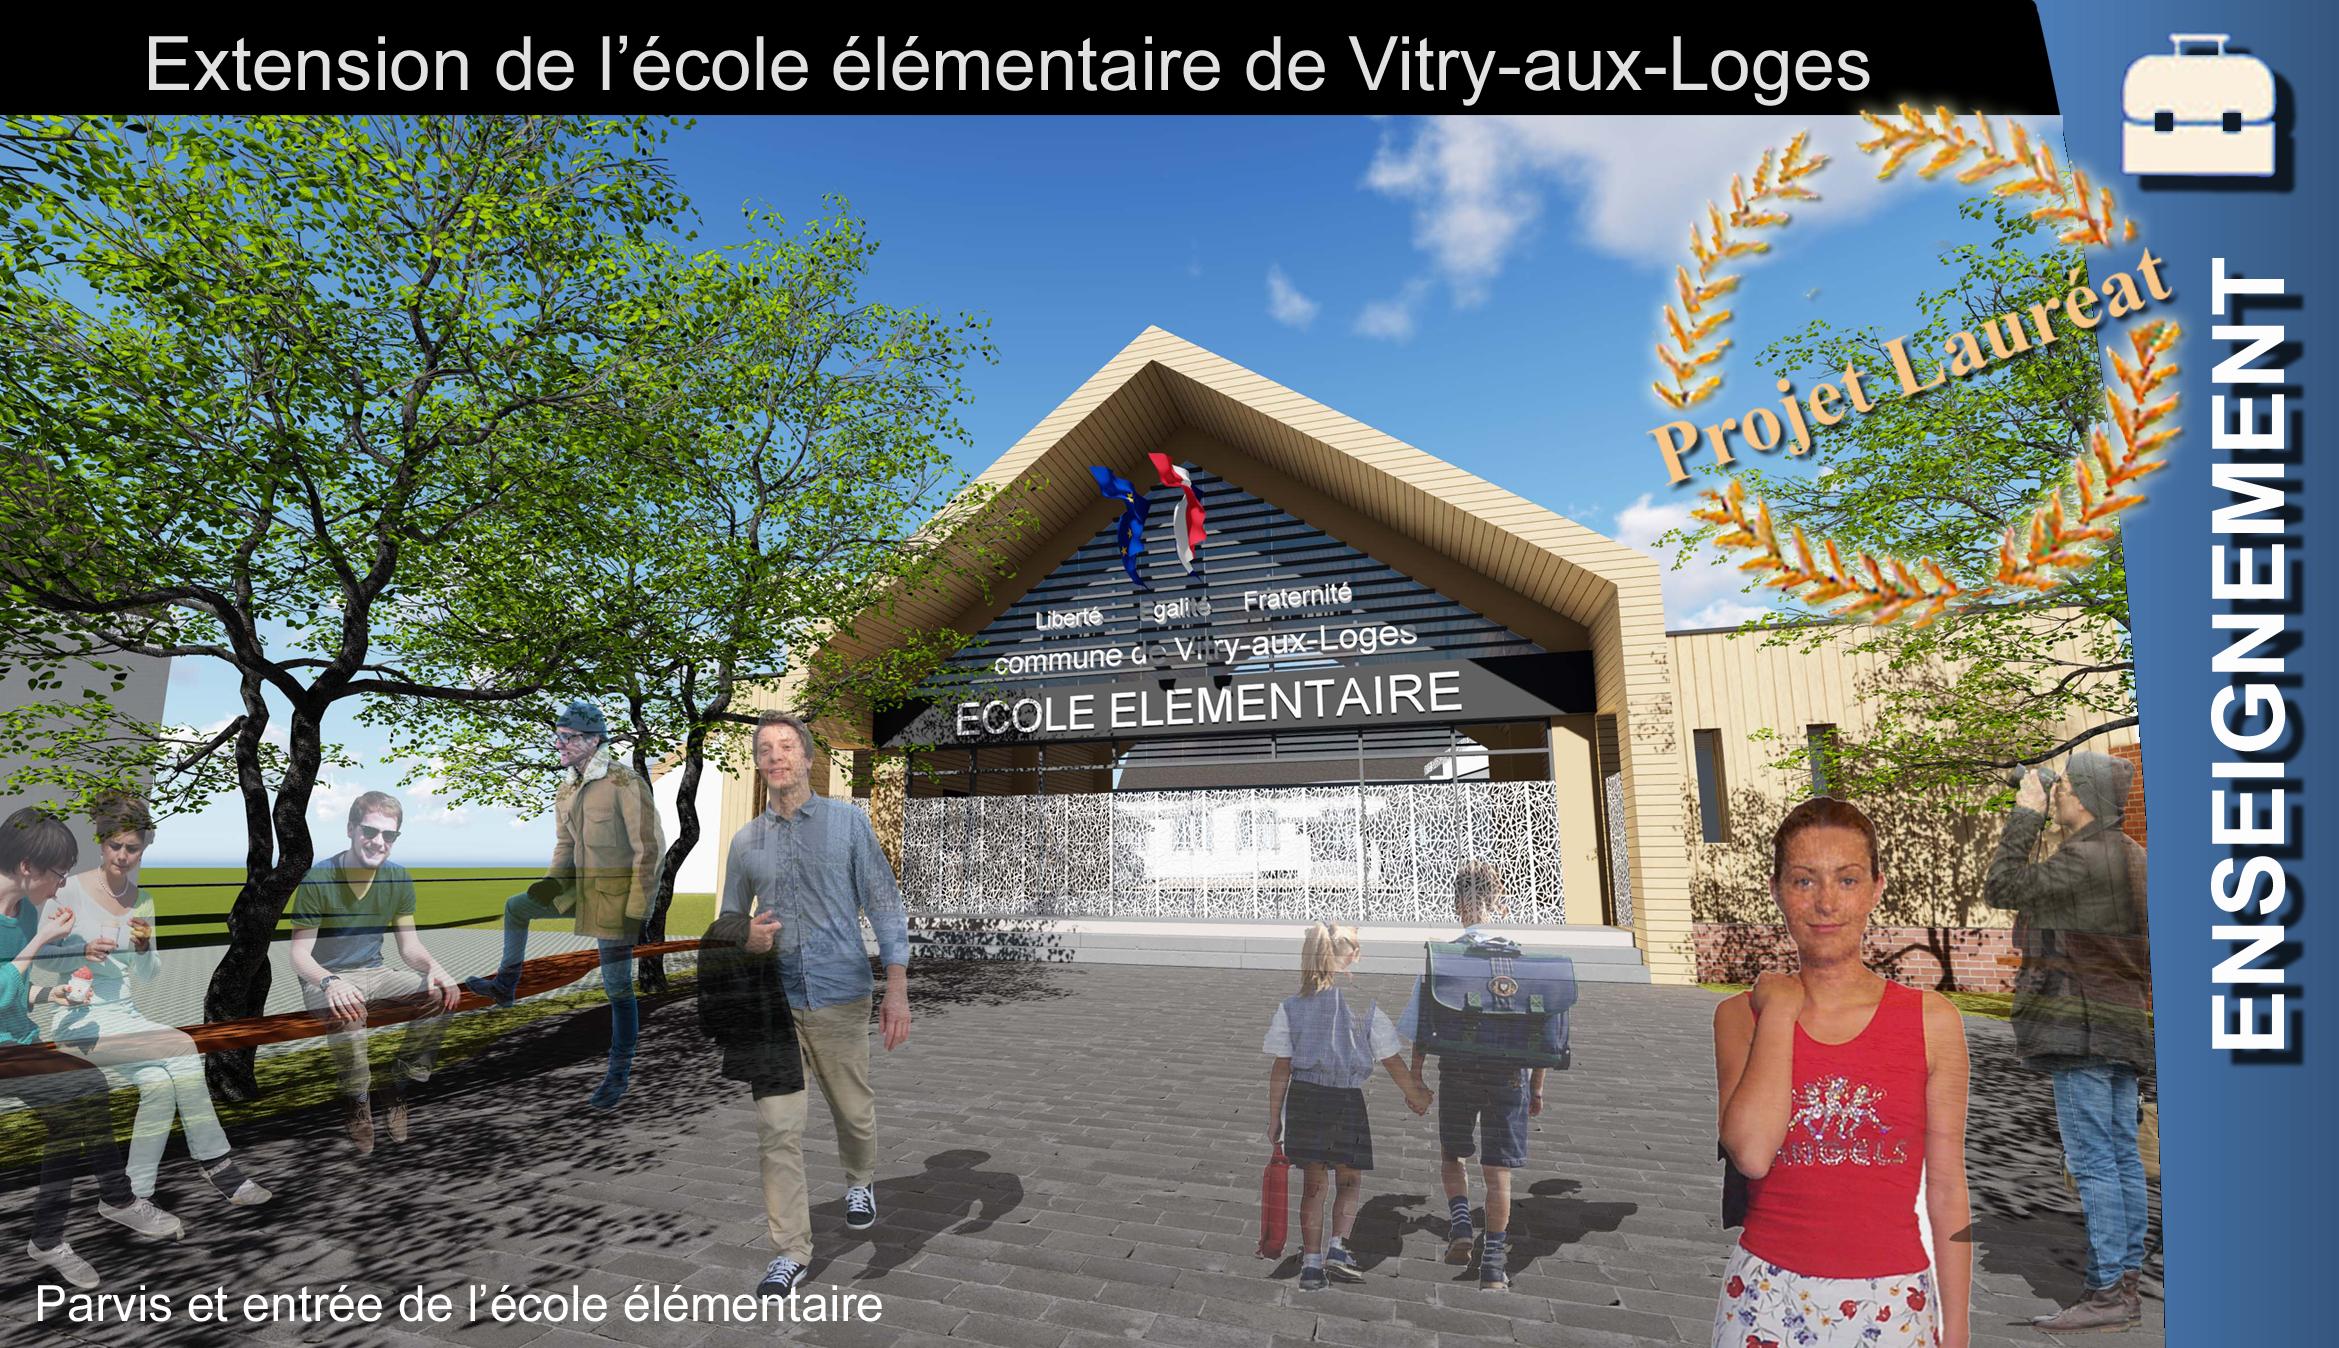 Vitry aux loges Ecole ElemenTaire VIGNETTE